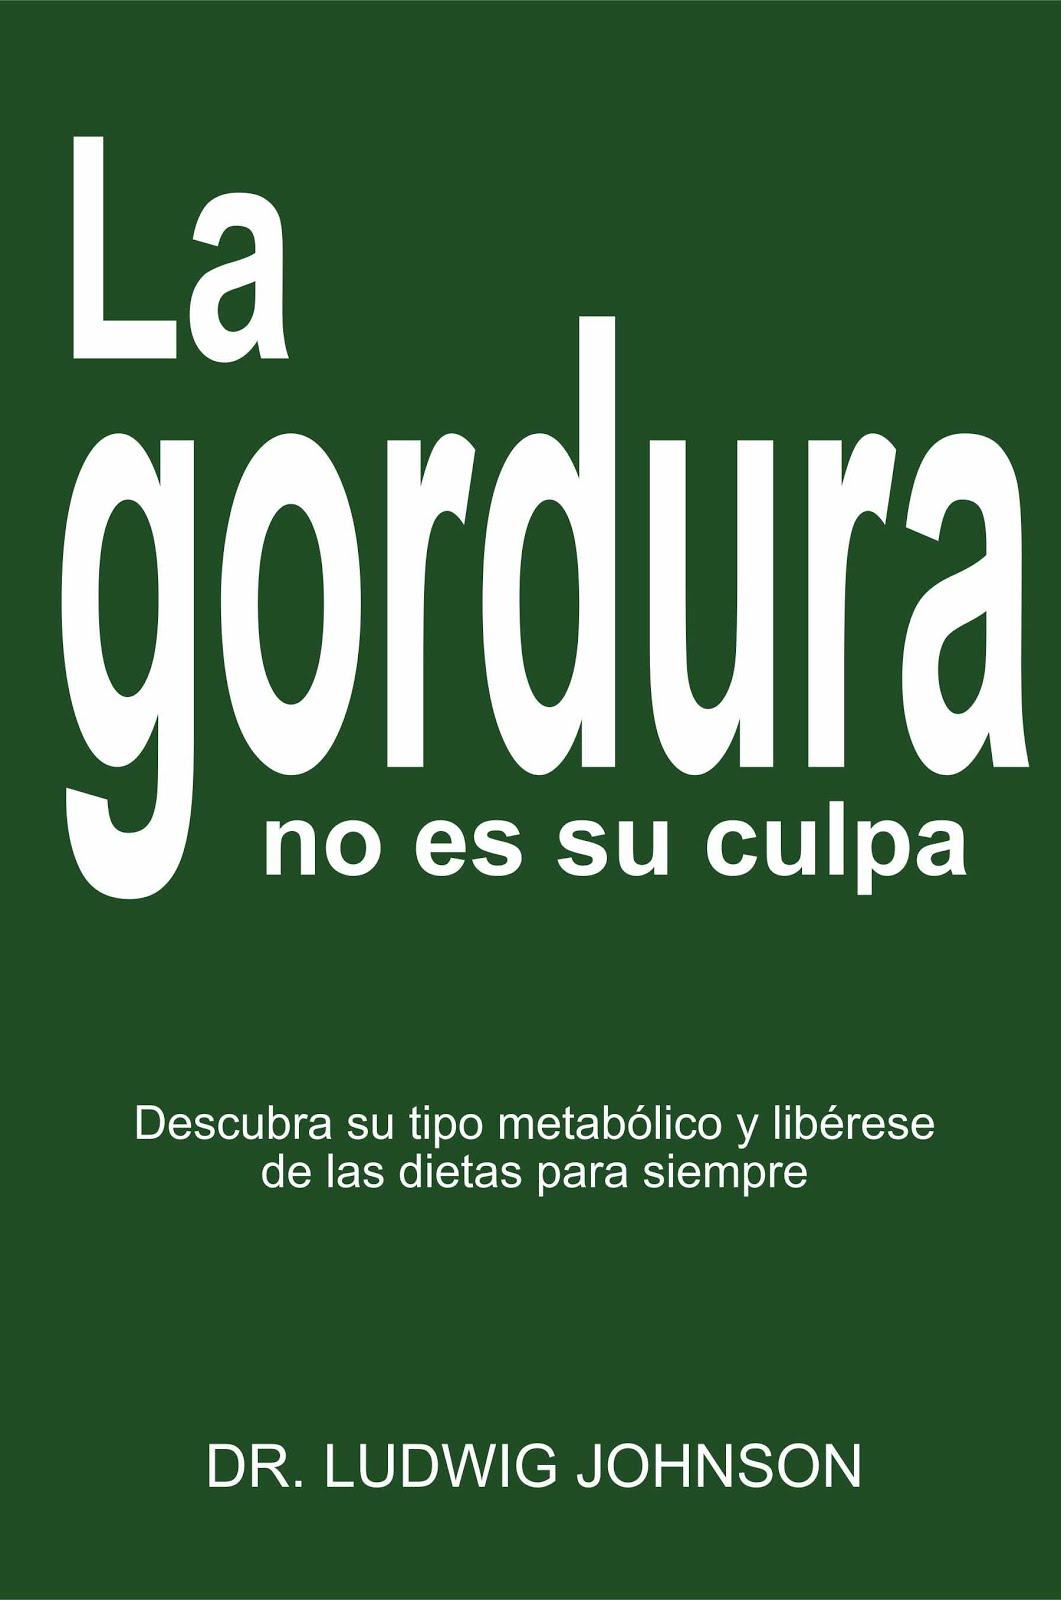 MEXICO LIBRERIAS GANDHI